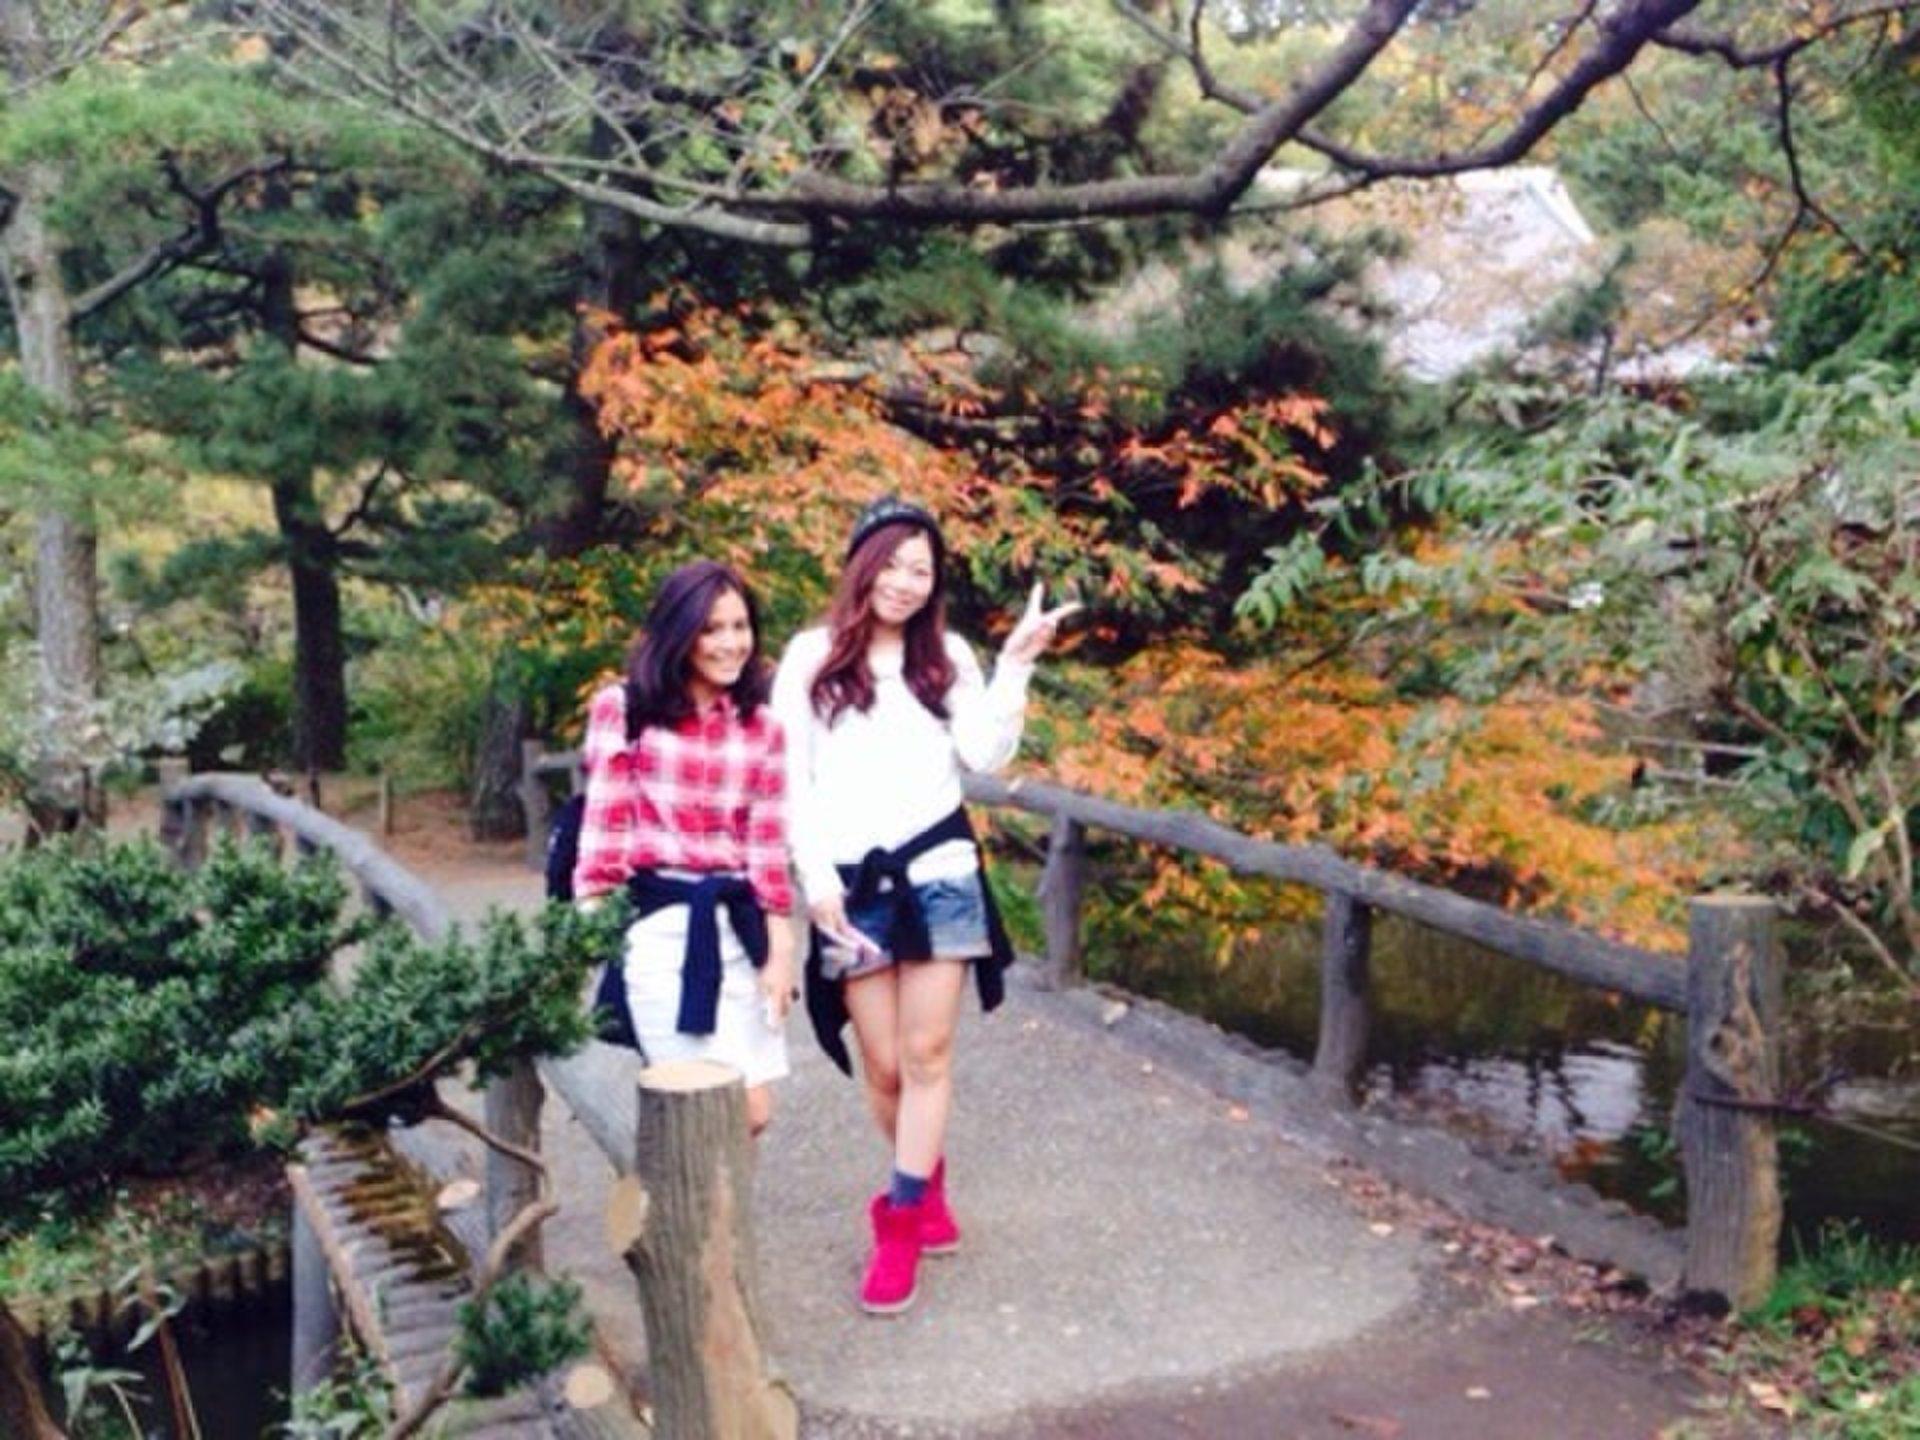 ドライブデートにおすすめ!横浜の三溪園で情緒味わう紅葉巡り♪